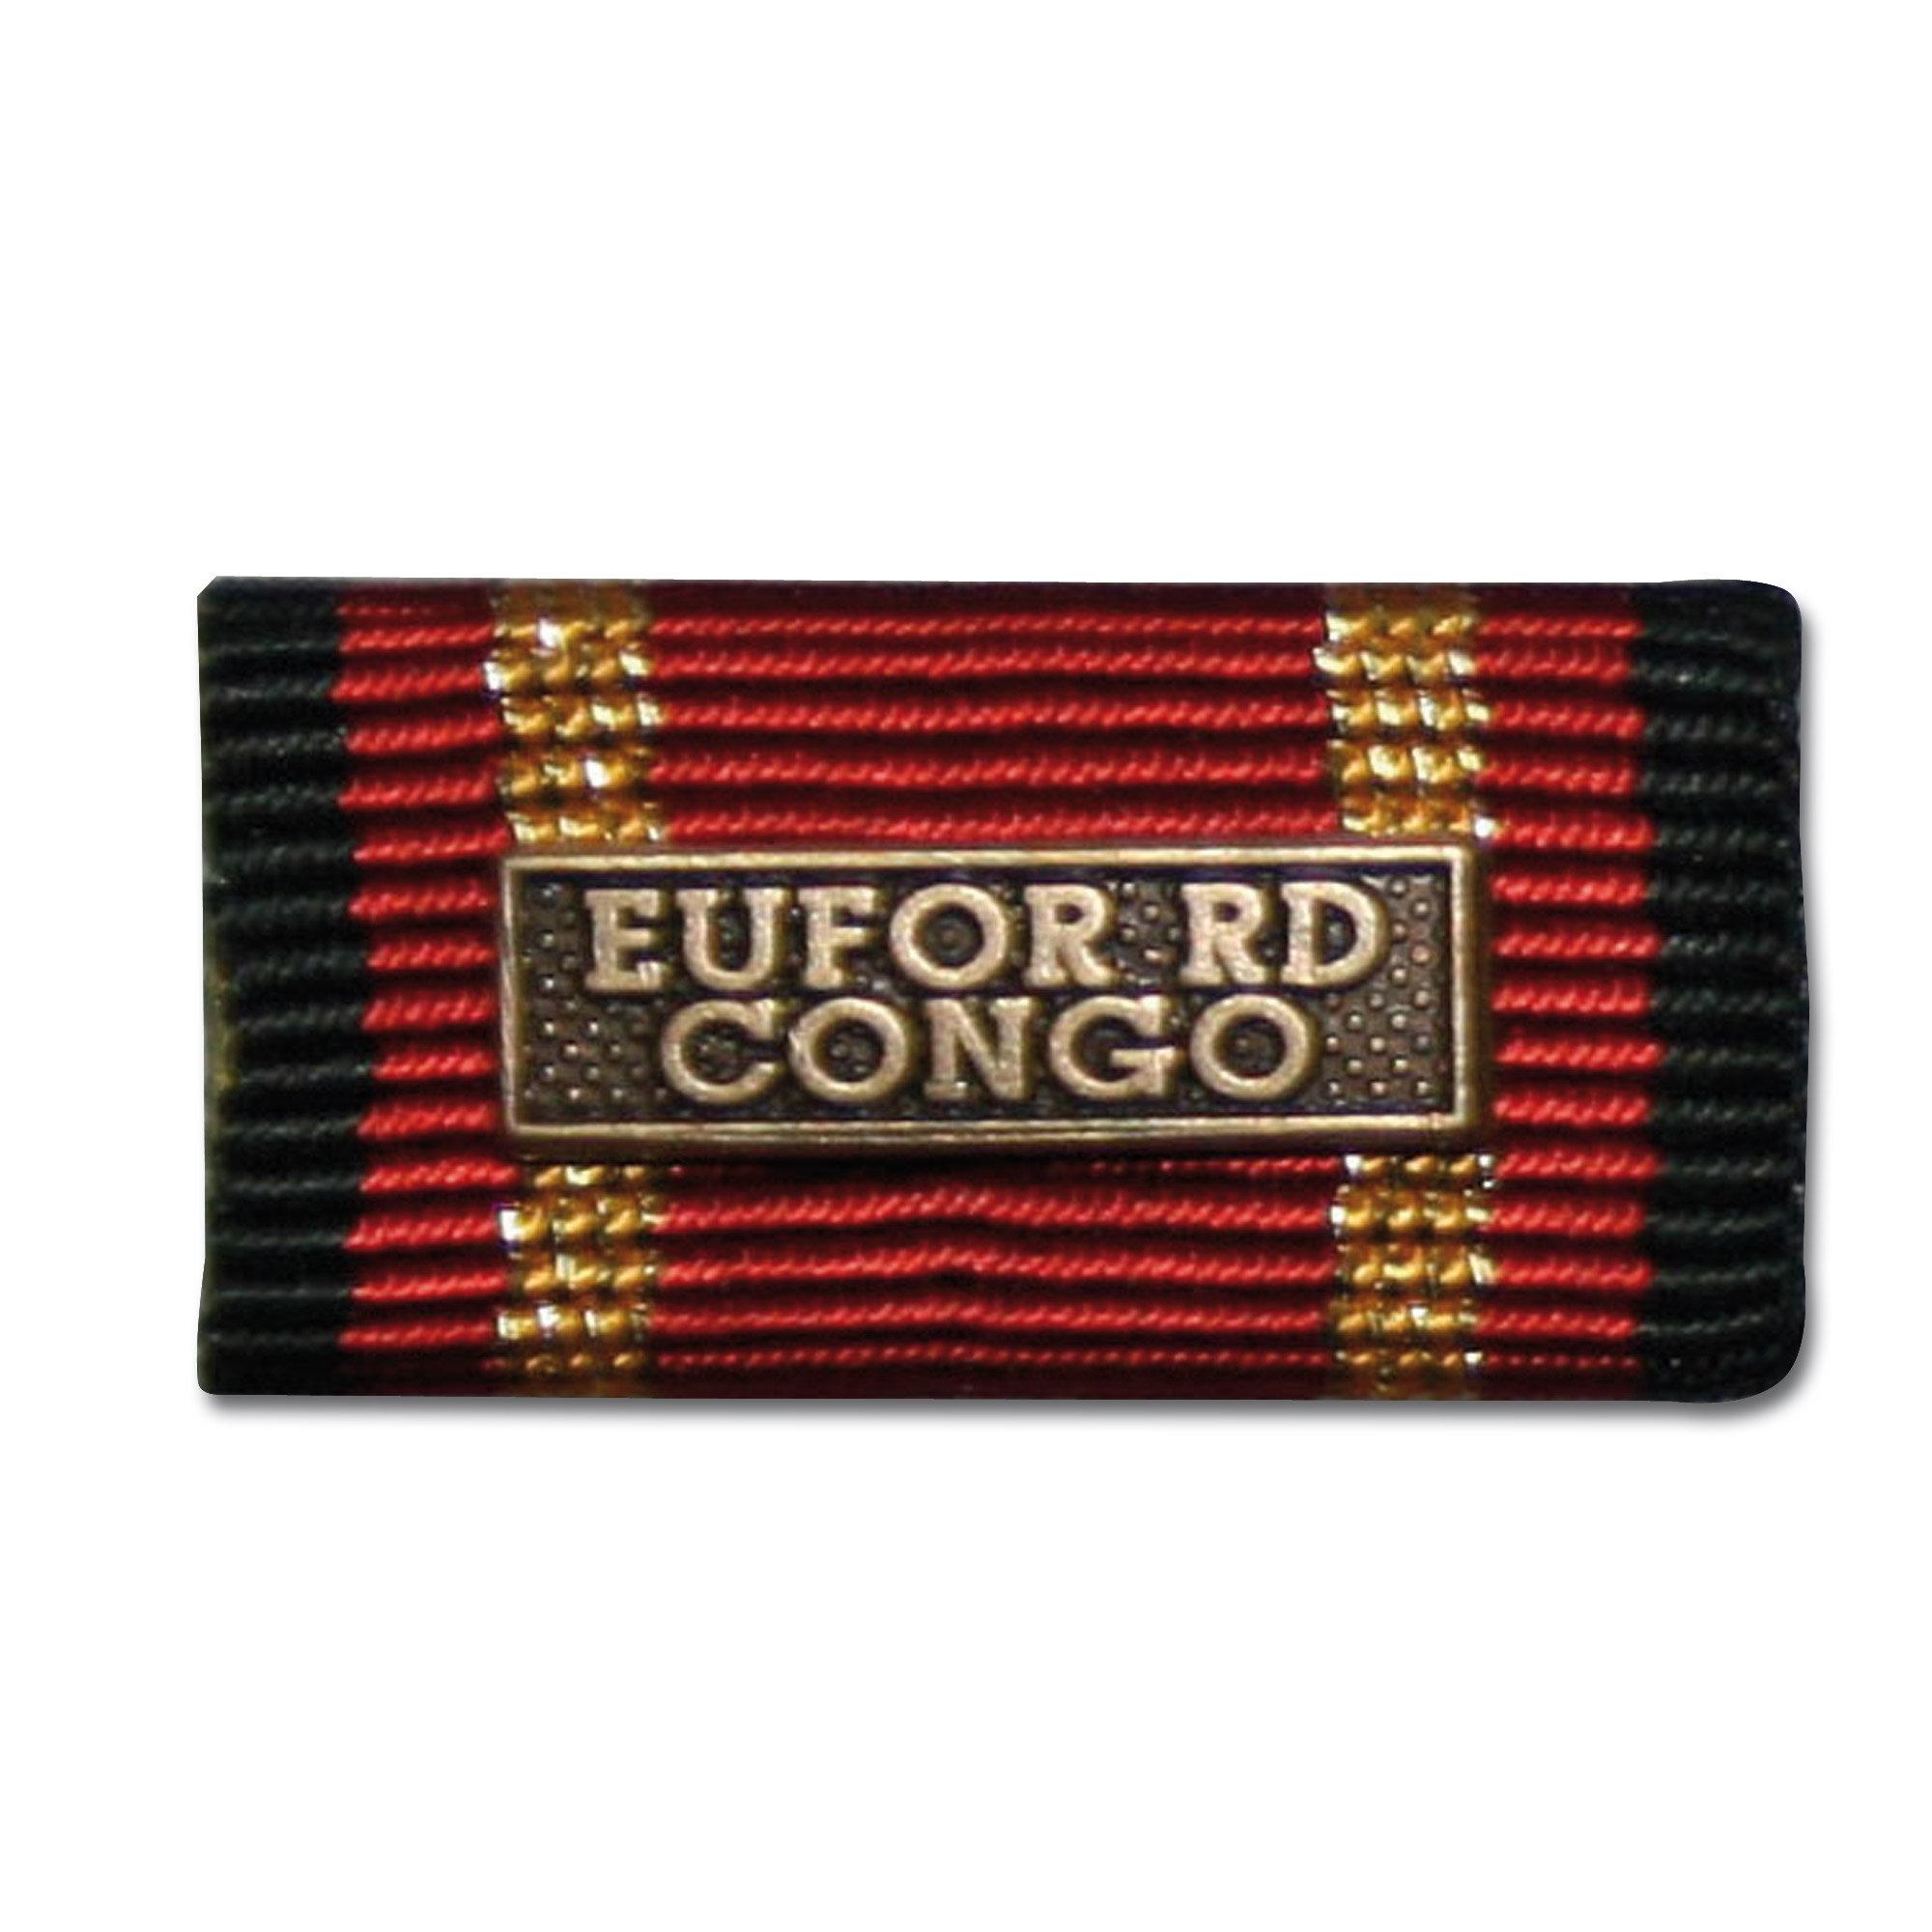 Medalla al servicio EUFOR RD CONGO bronce